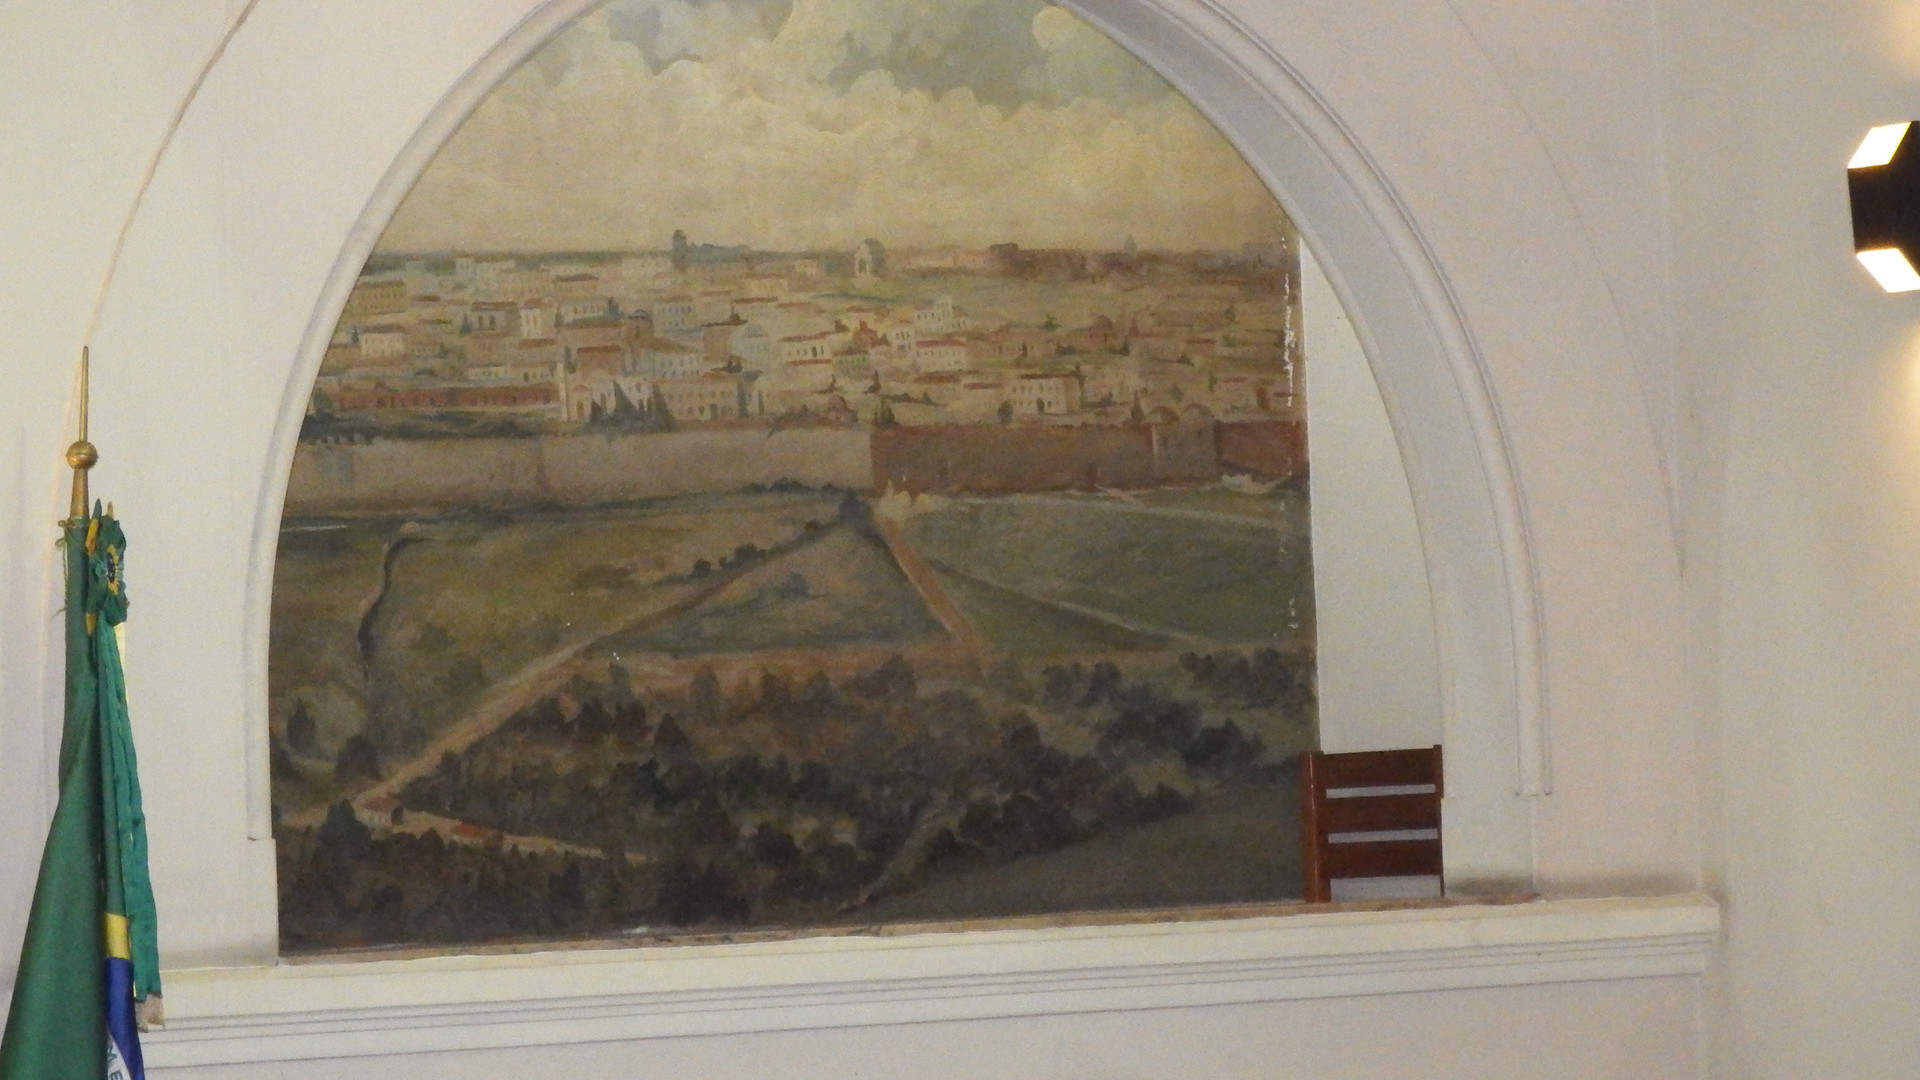 Pintura da cidade de Jerusalém.